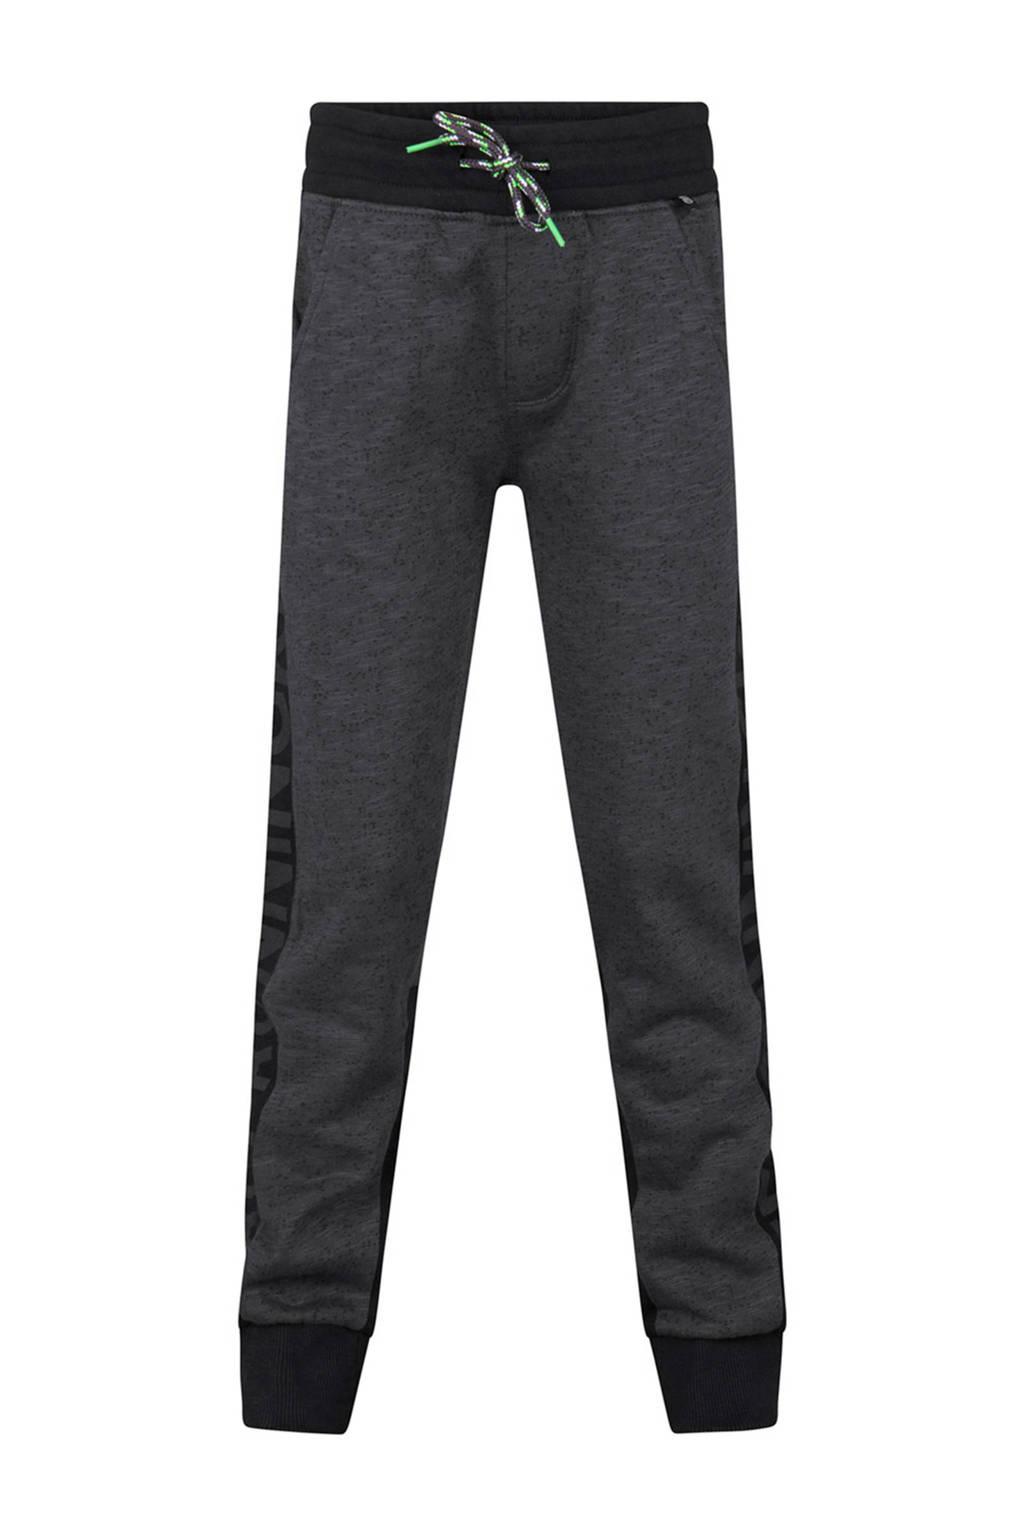 WE Fashion   tapered fit sweatpants met zijstreep antraciet, Antraciet/zwart